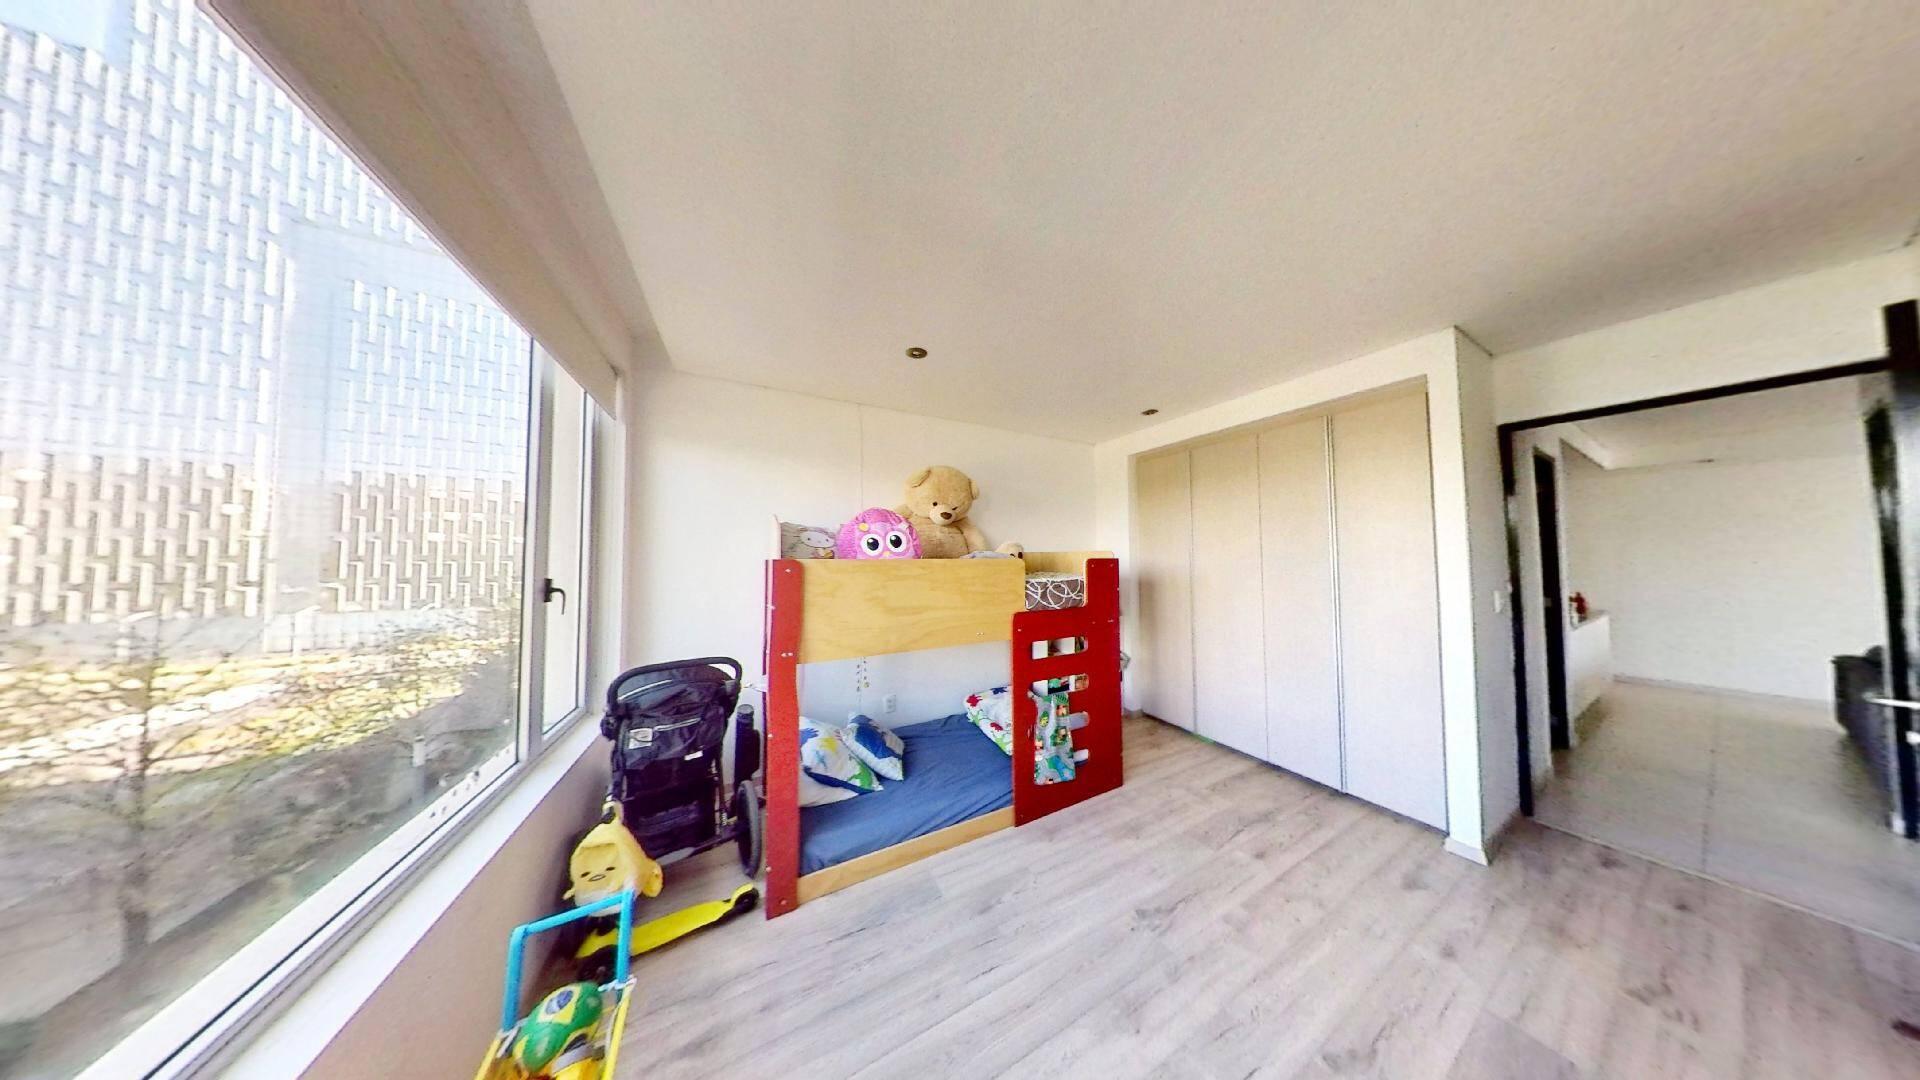 Departamento 2 recámaras en venta en Torre Central de Parques Polanco. Segunda recámara